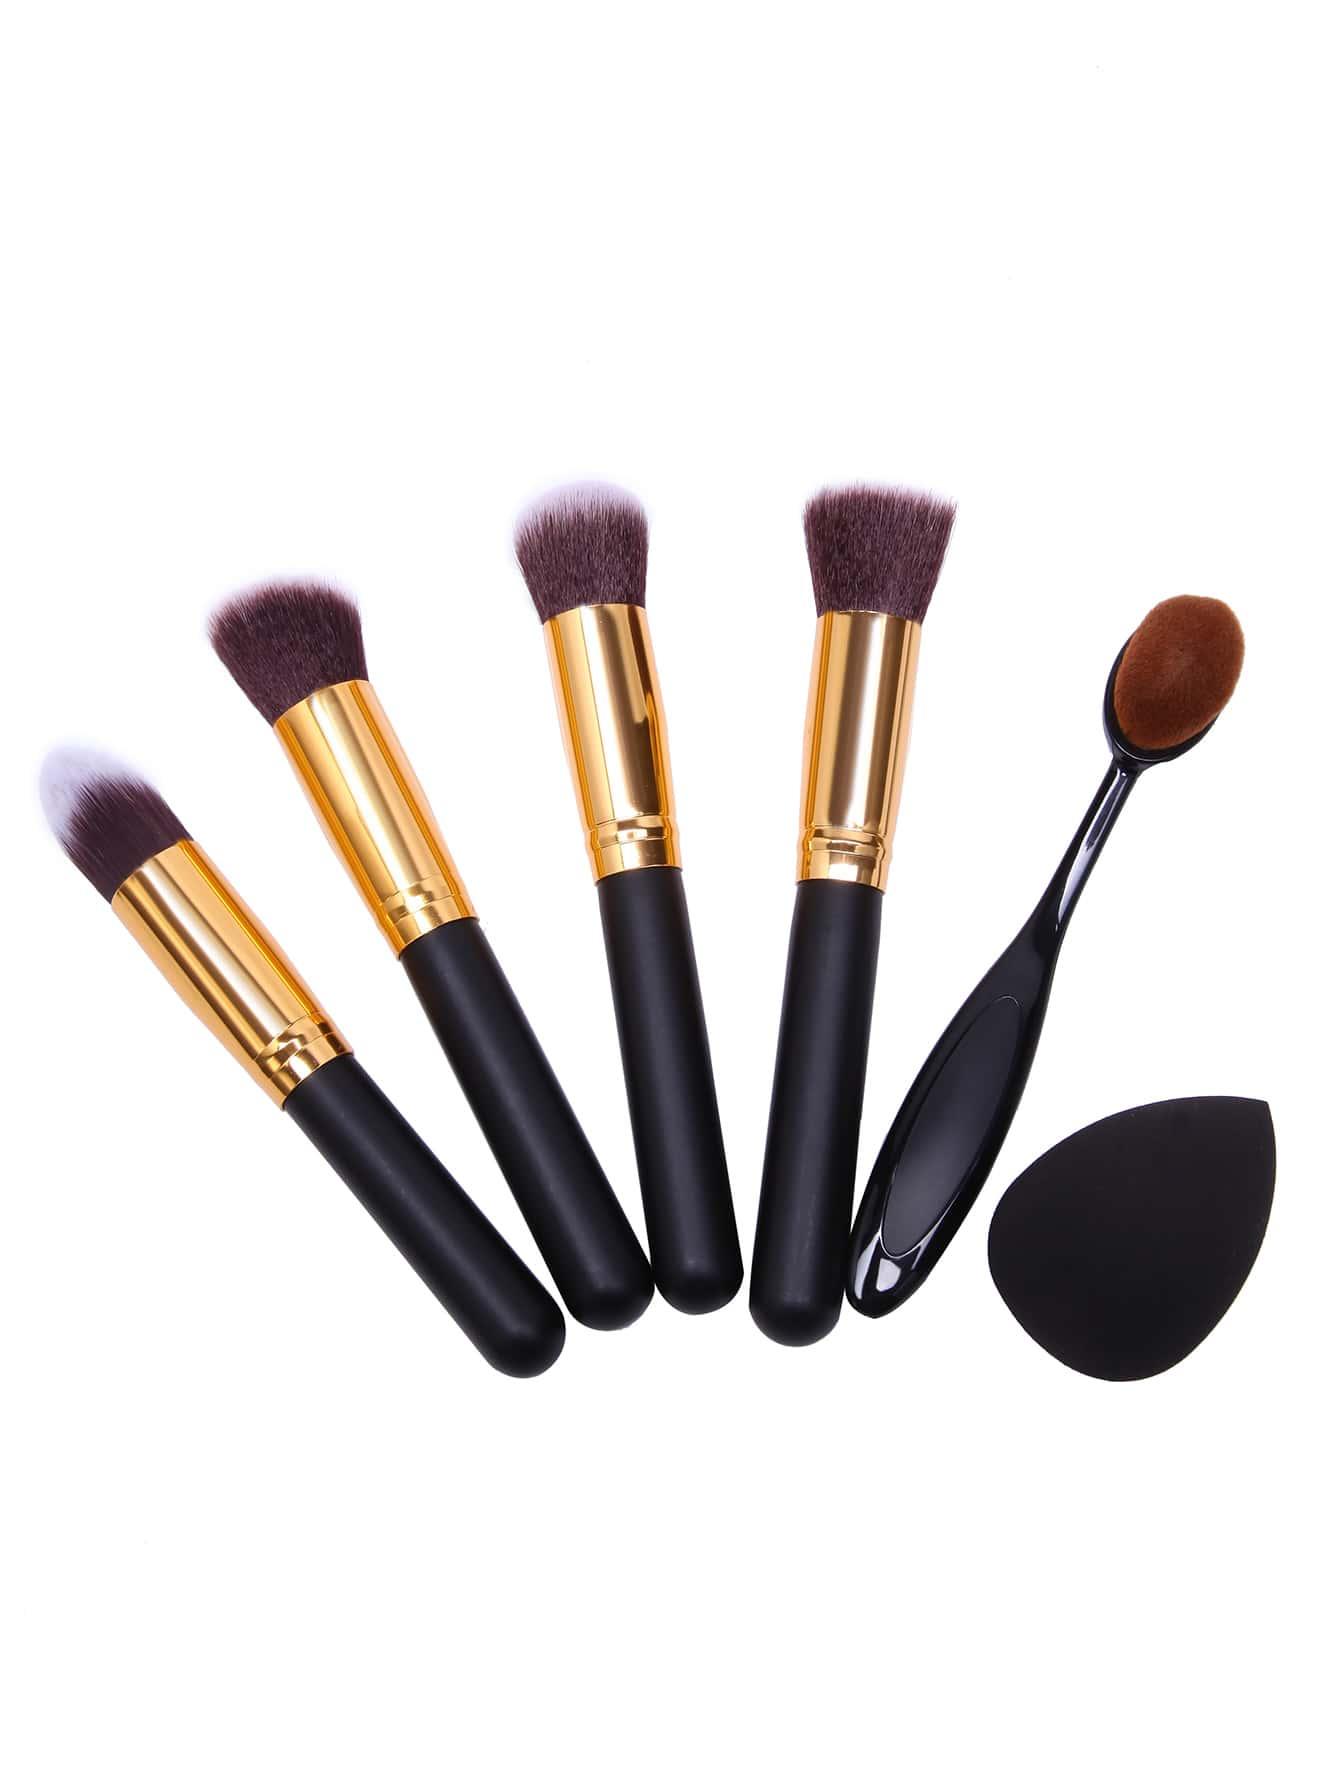 Фото Black Professional Makeup Brush Set With Blending Sponge. Купить с доставкой